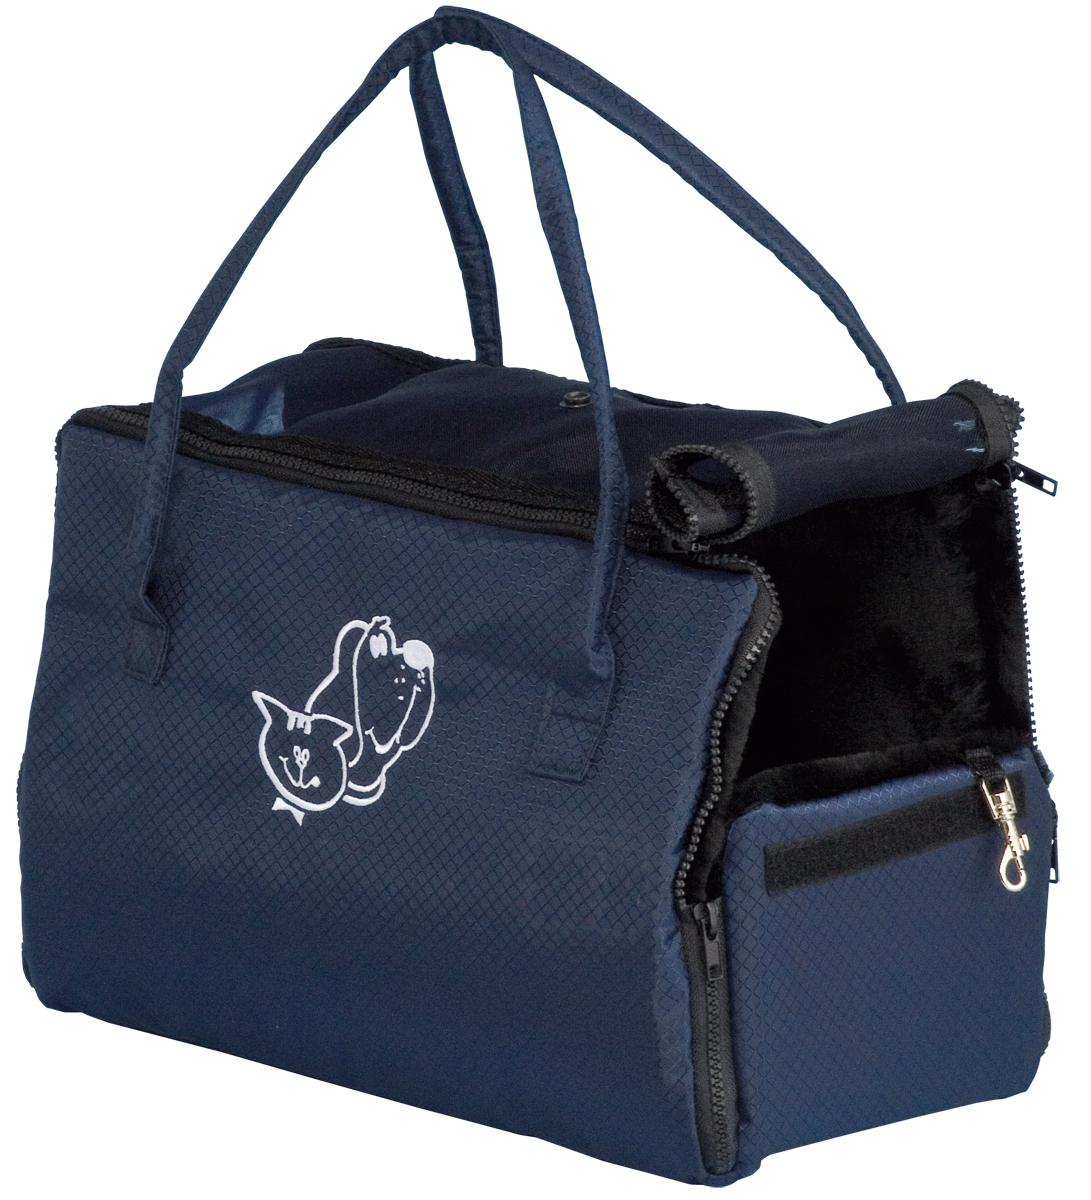 Сумка-переноска для животных Зооник, цвет: синий, 38 х 18 х 31 см зооник сумка переноска для животных 32 36 47см